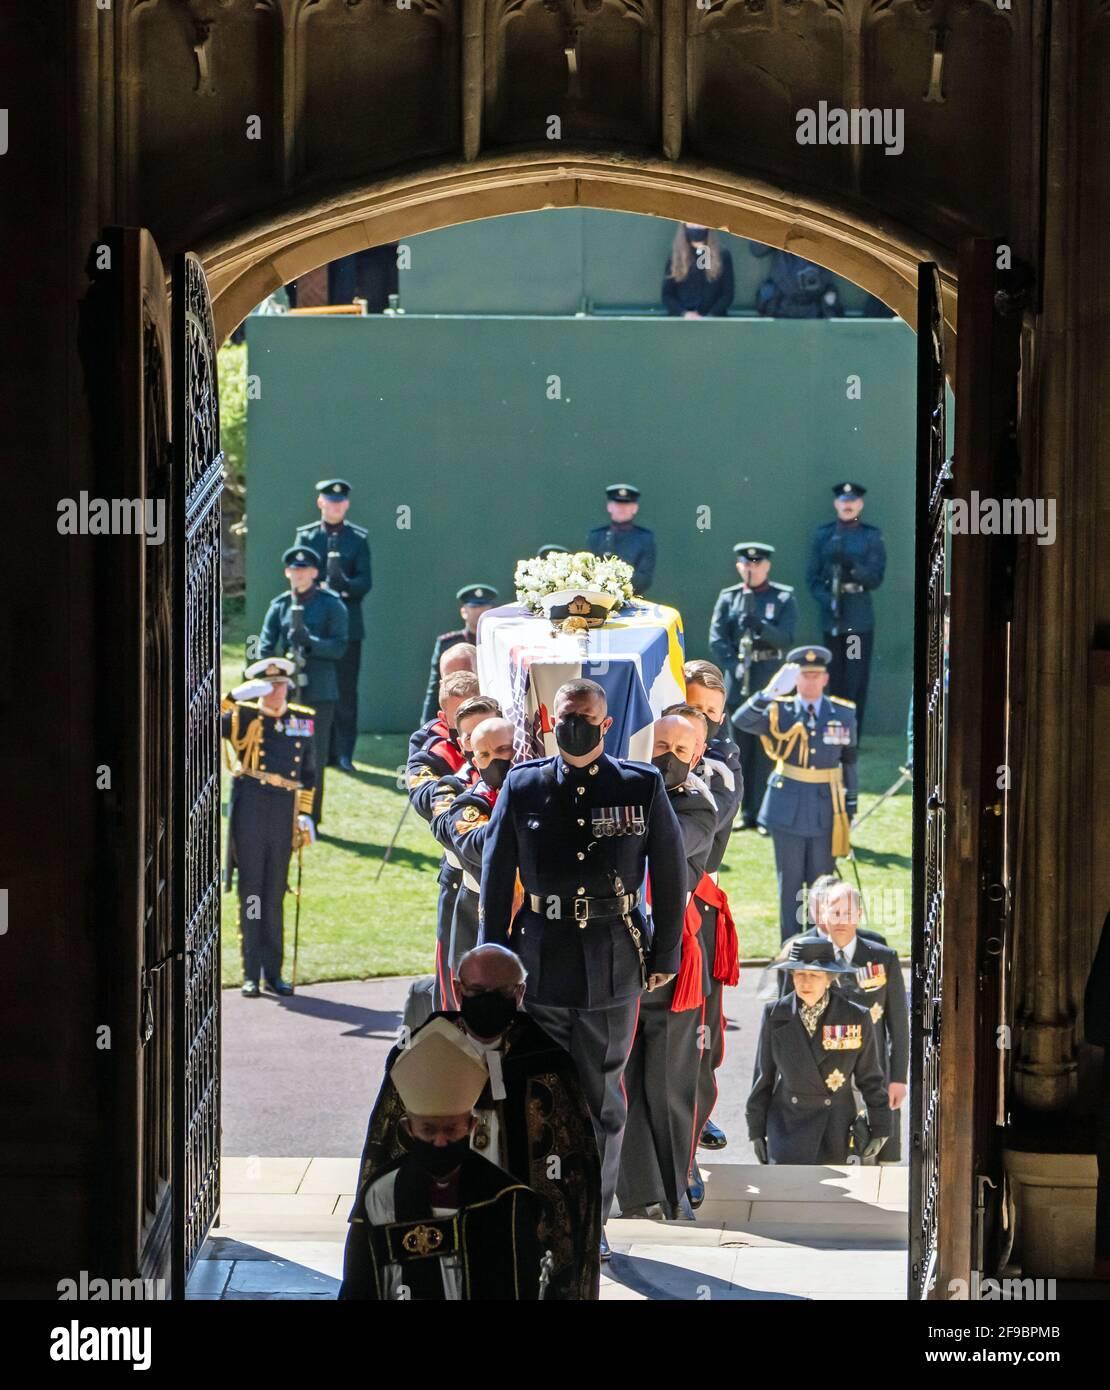 Pall-Träger tragen den Sarg des Herzogs von Edinburgh in die St. George's Chapel, Windsor Castle, Bekshire. Bilddatum: Samstag, 17. April 2021. Stockfoto